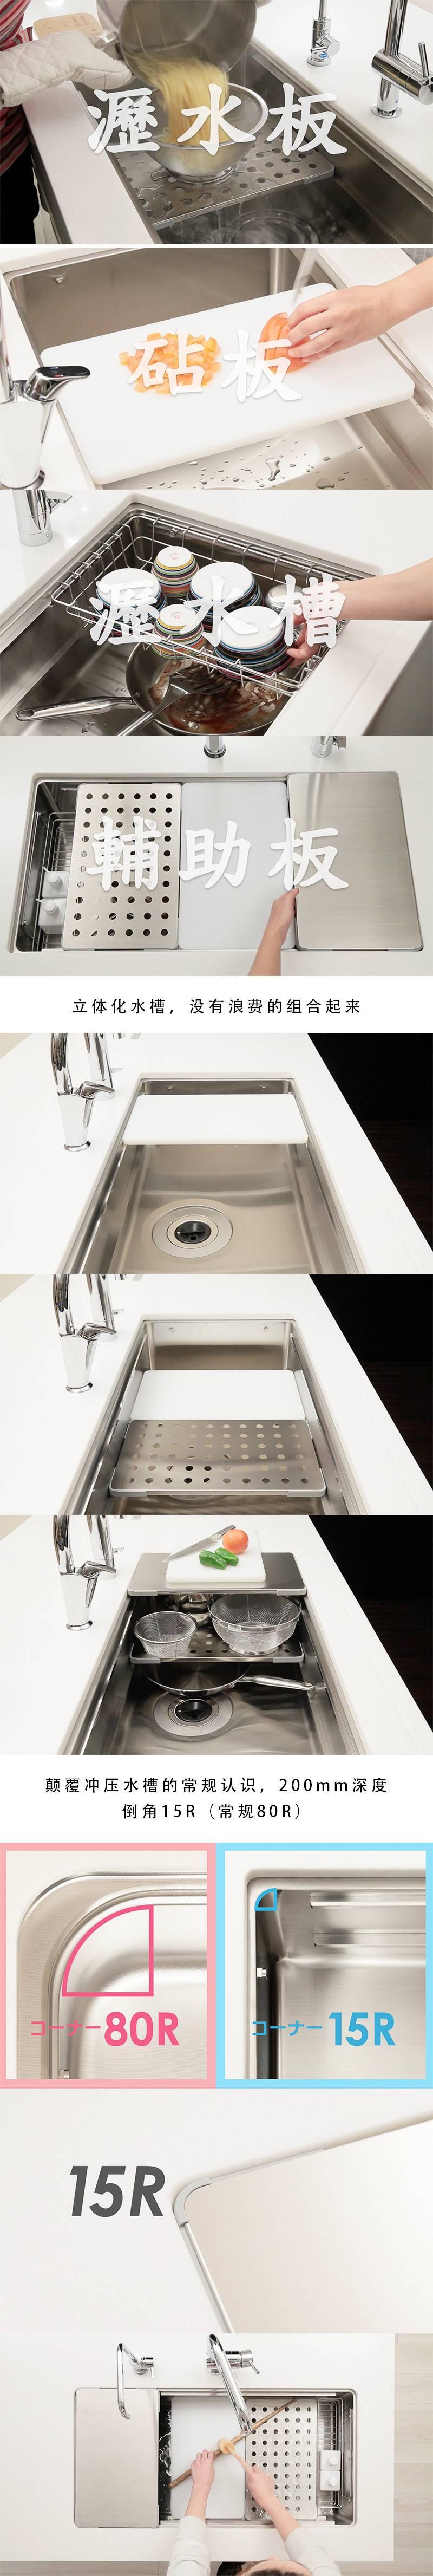 水鹿卫浴-厨房-水槽-喜爱路SHIGERU日本进口高机能水槽